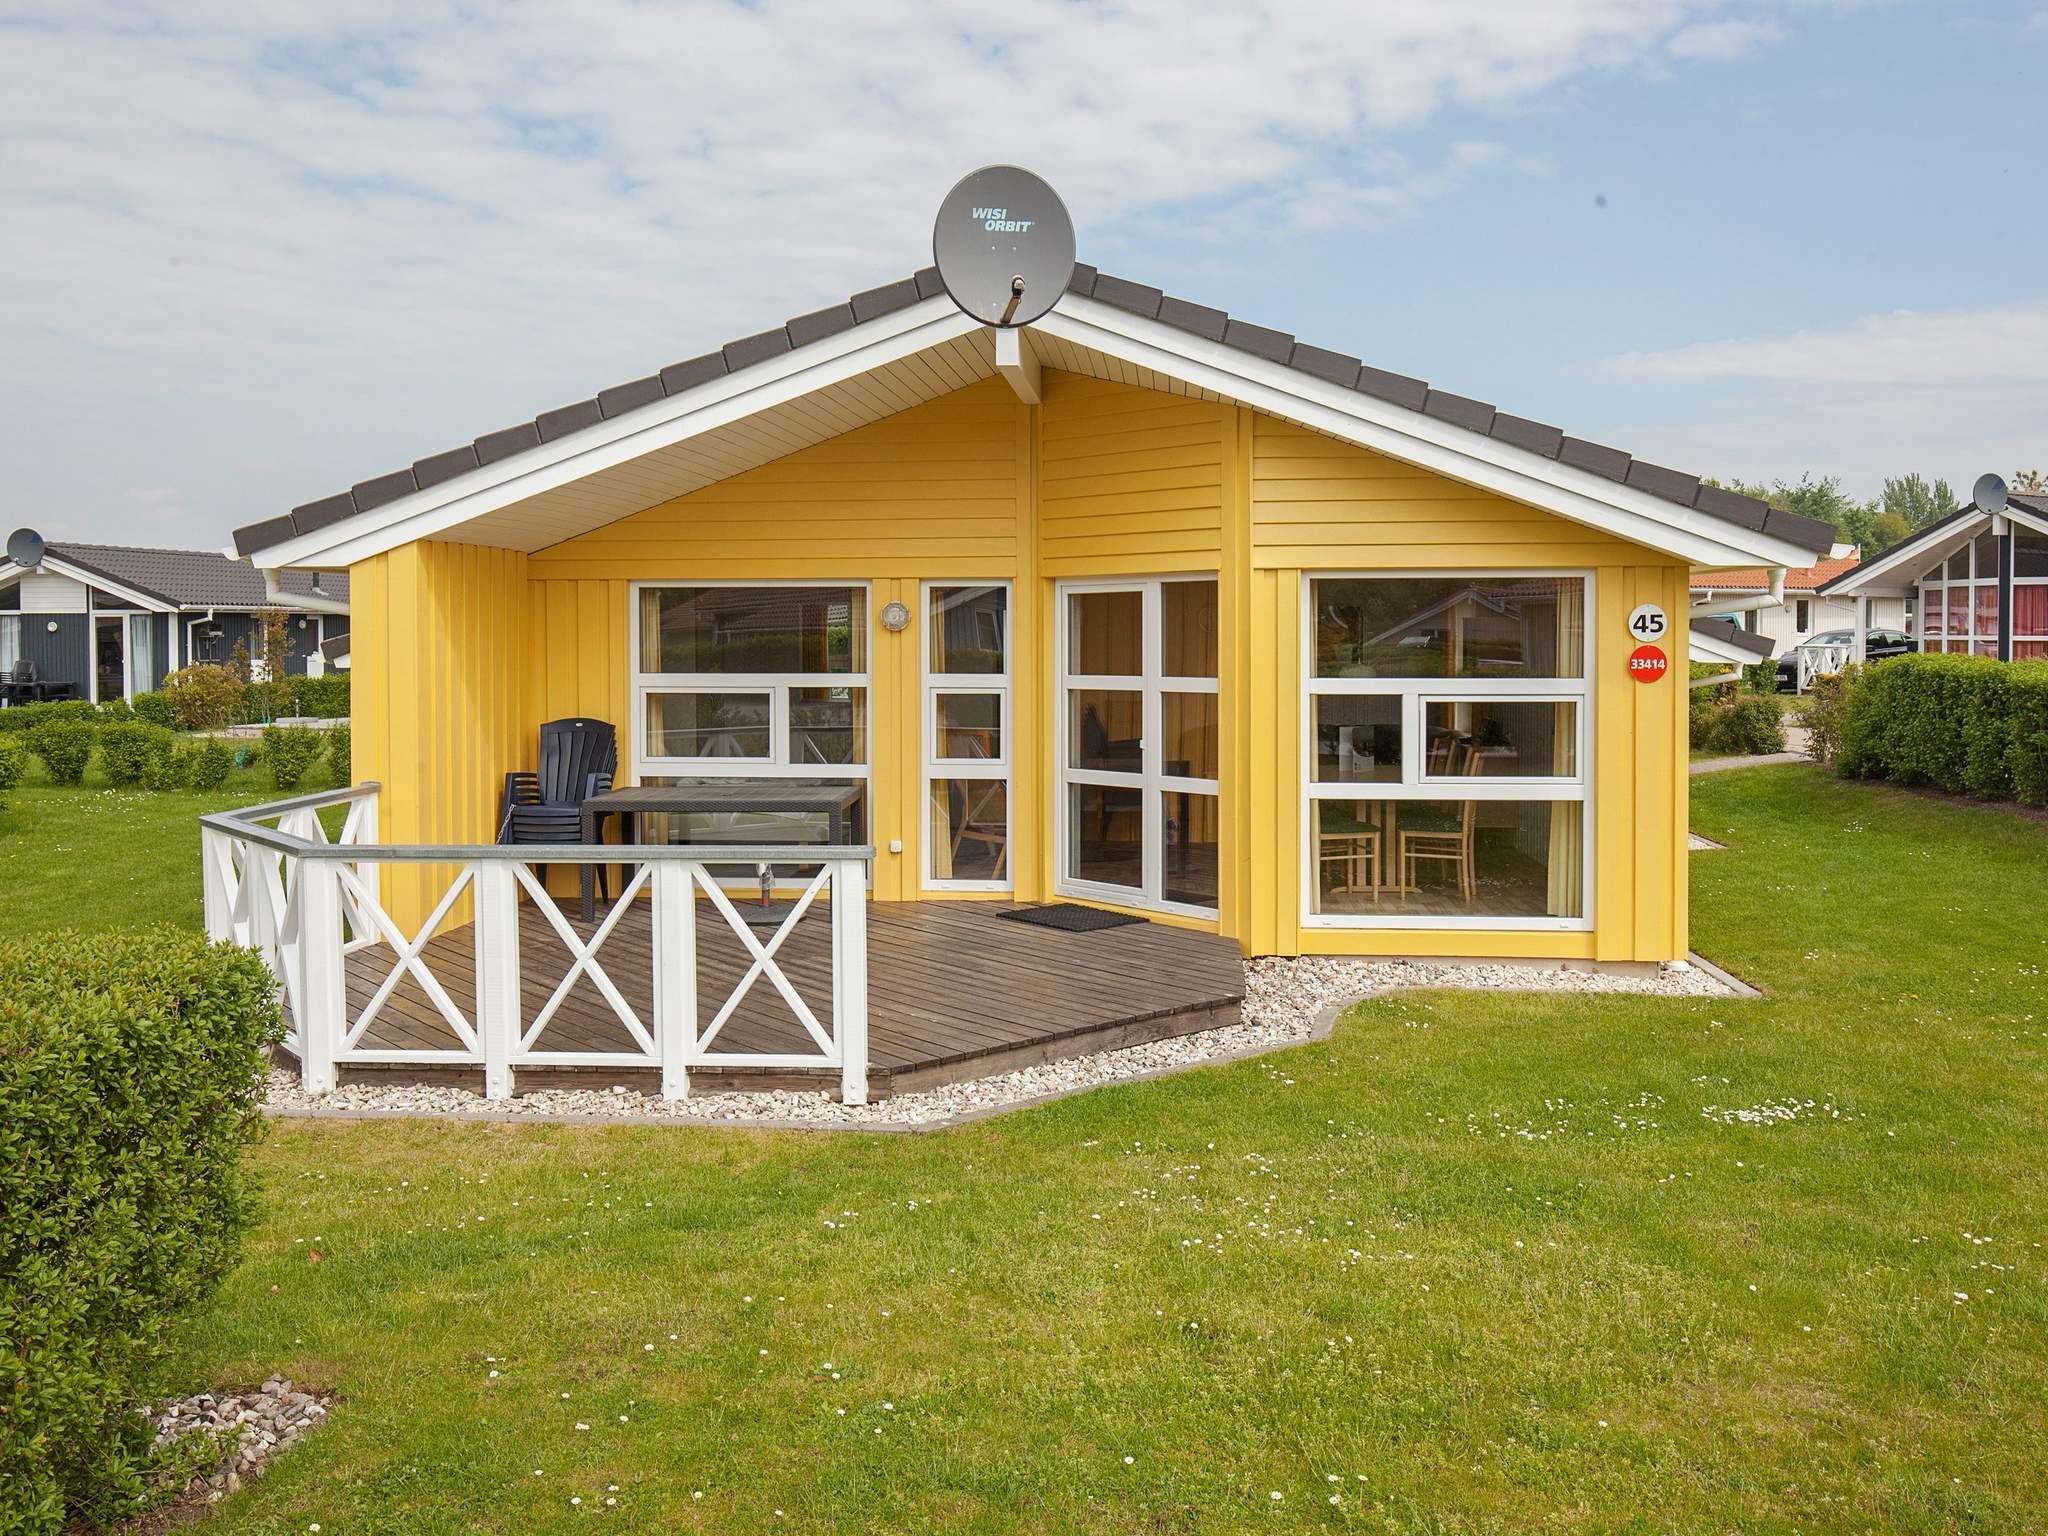 Maison de vacances Grömitz (359058), Grömitz, Baie de Lübeck, Schleswig-Holstein, Allemagne, image 17